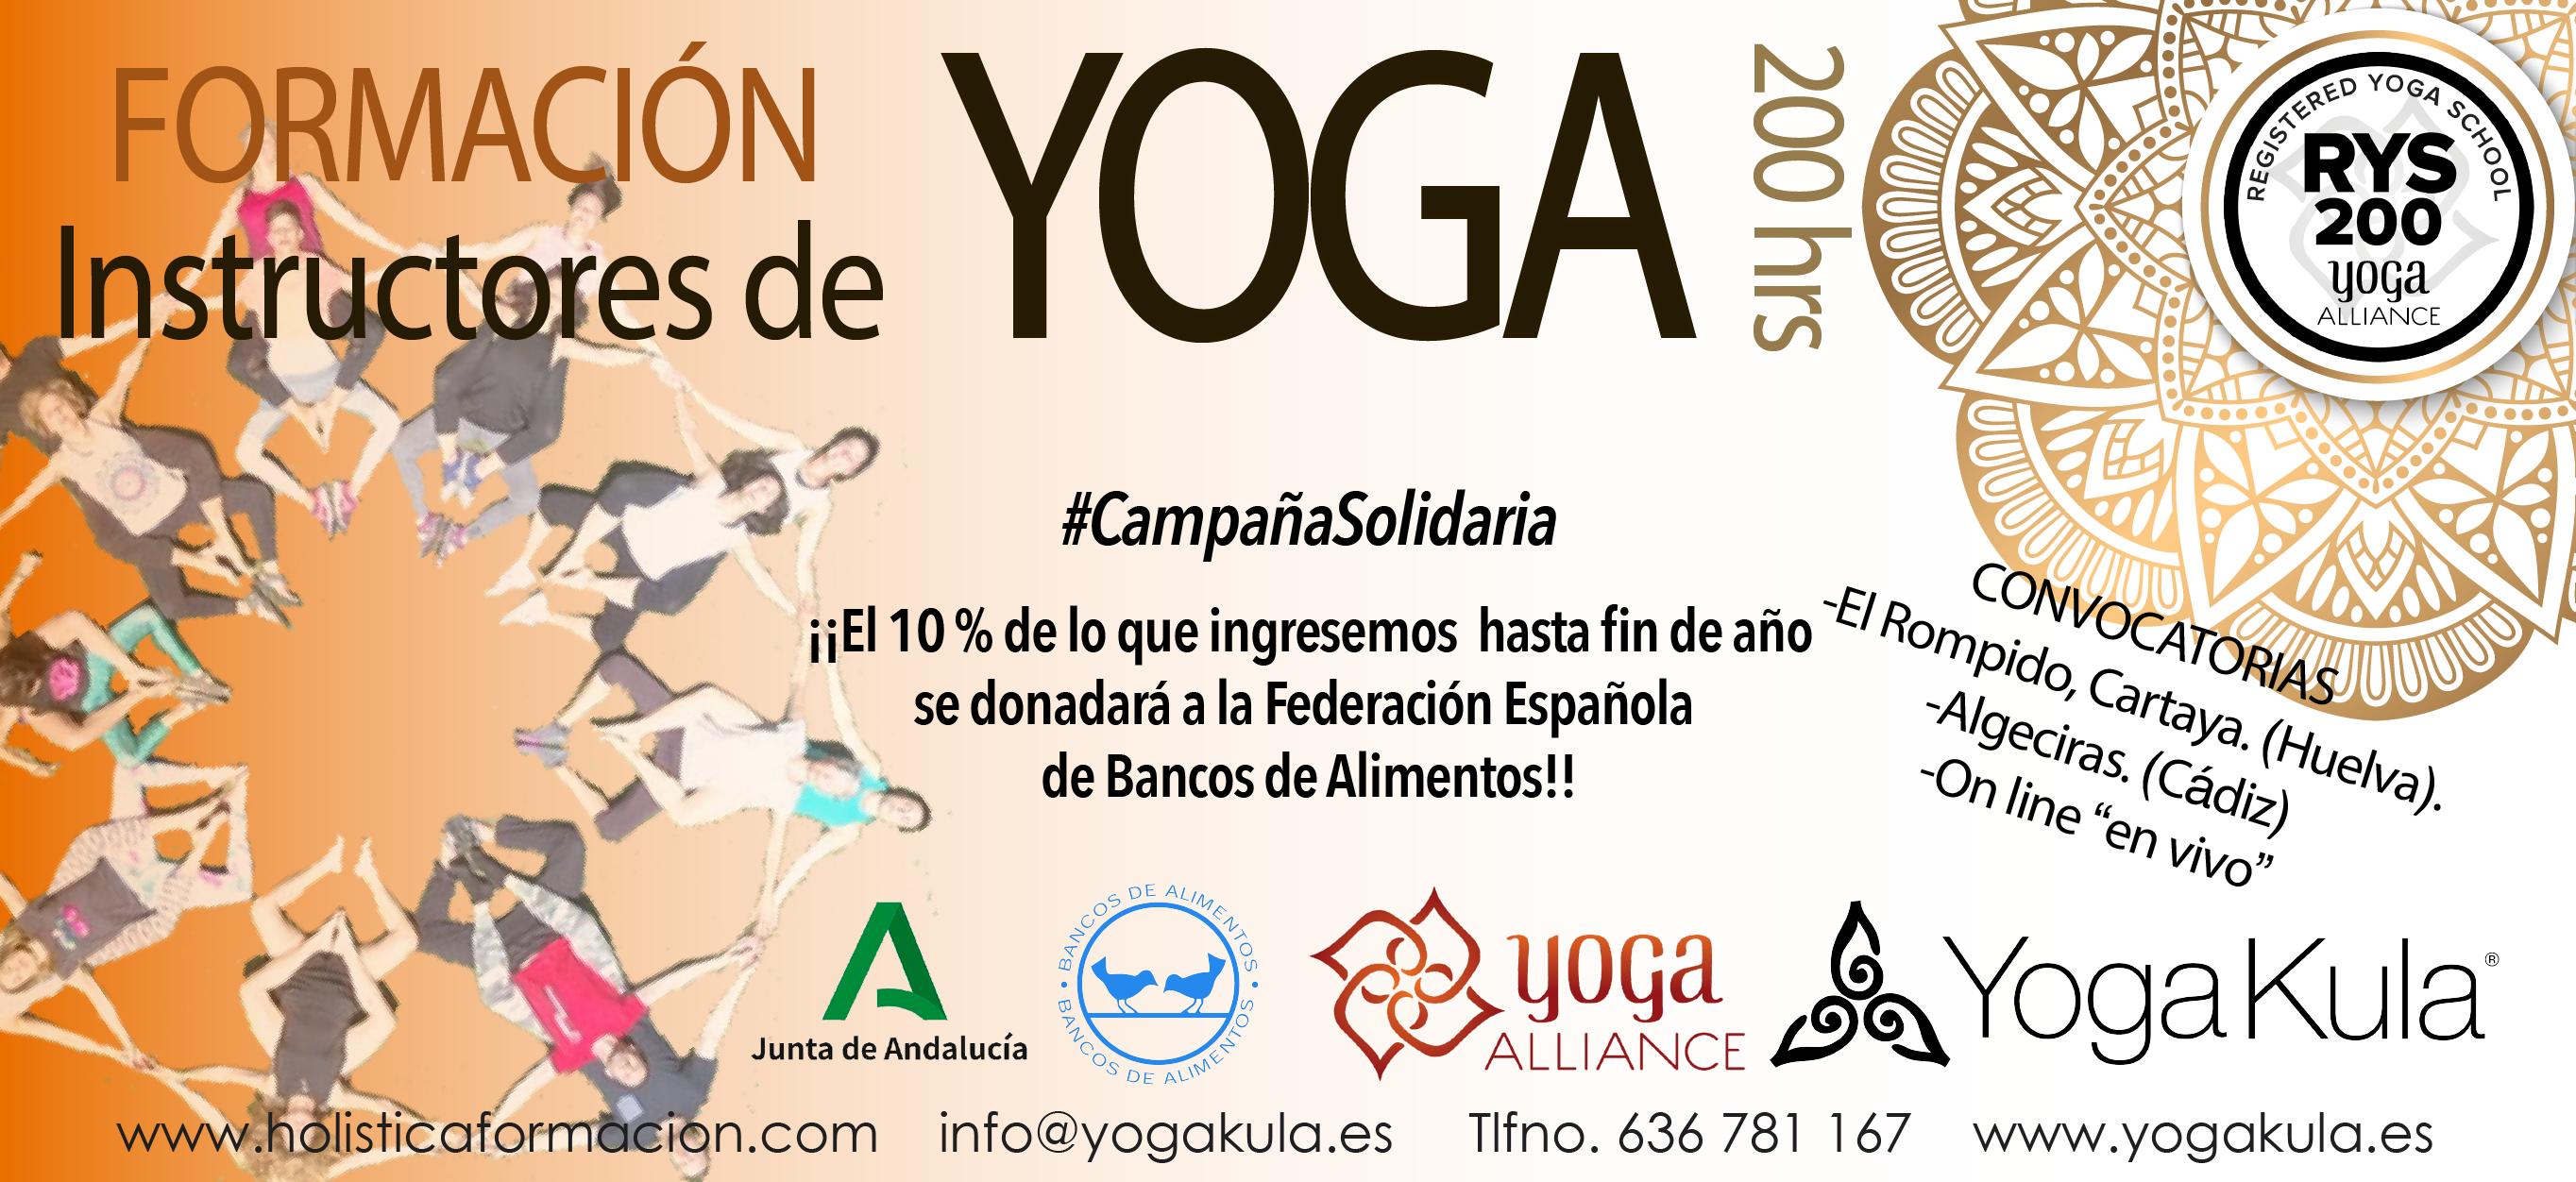 formación Yoga 2020-2021 #